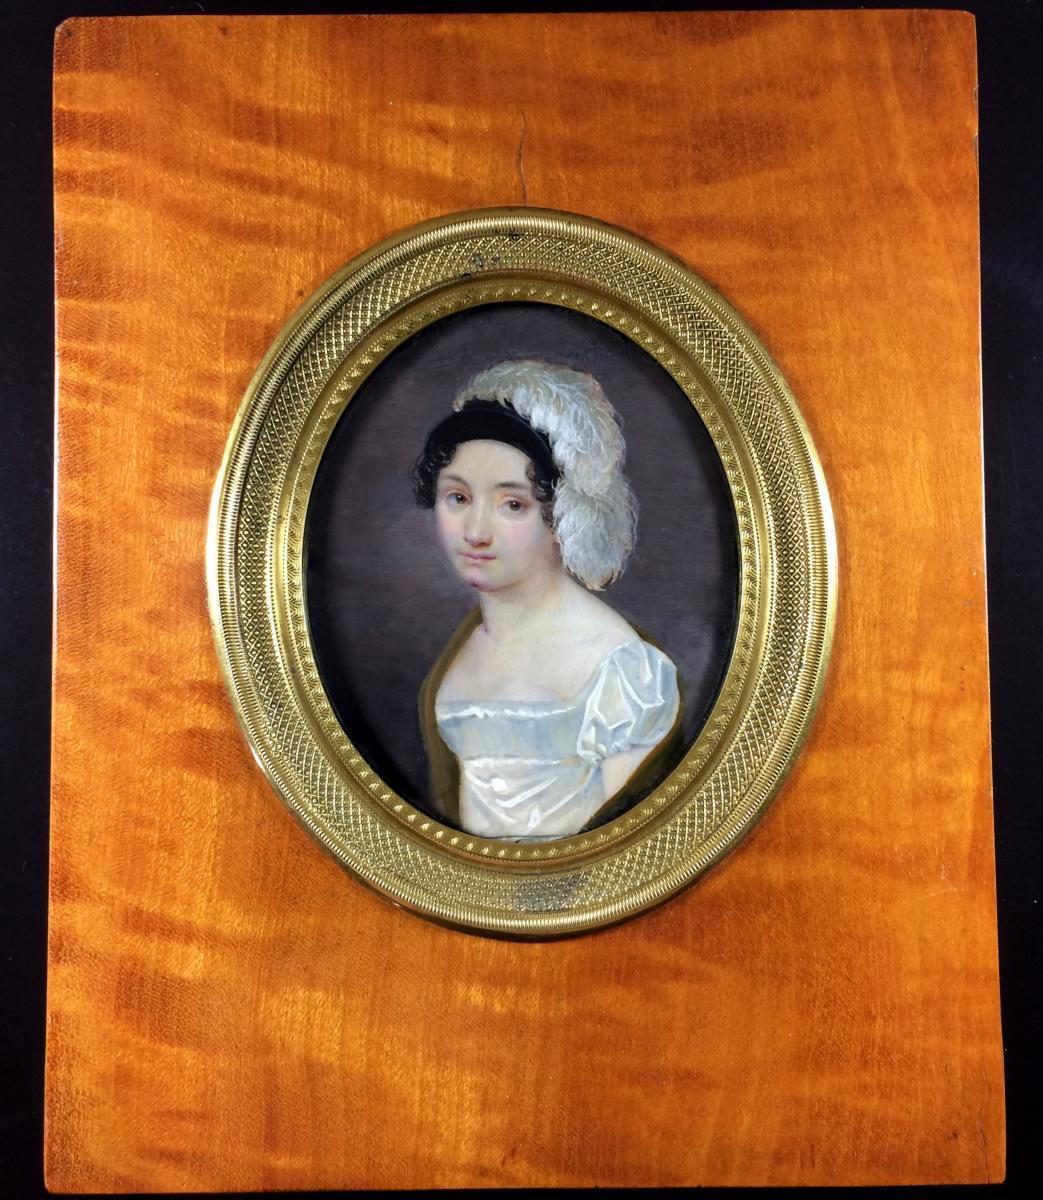 Empire Miniature Portrait, Circa 1810